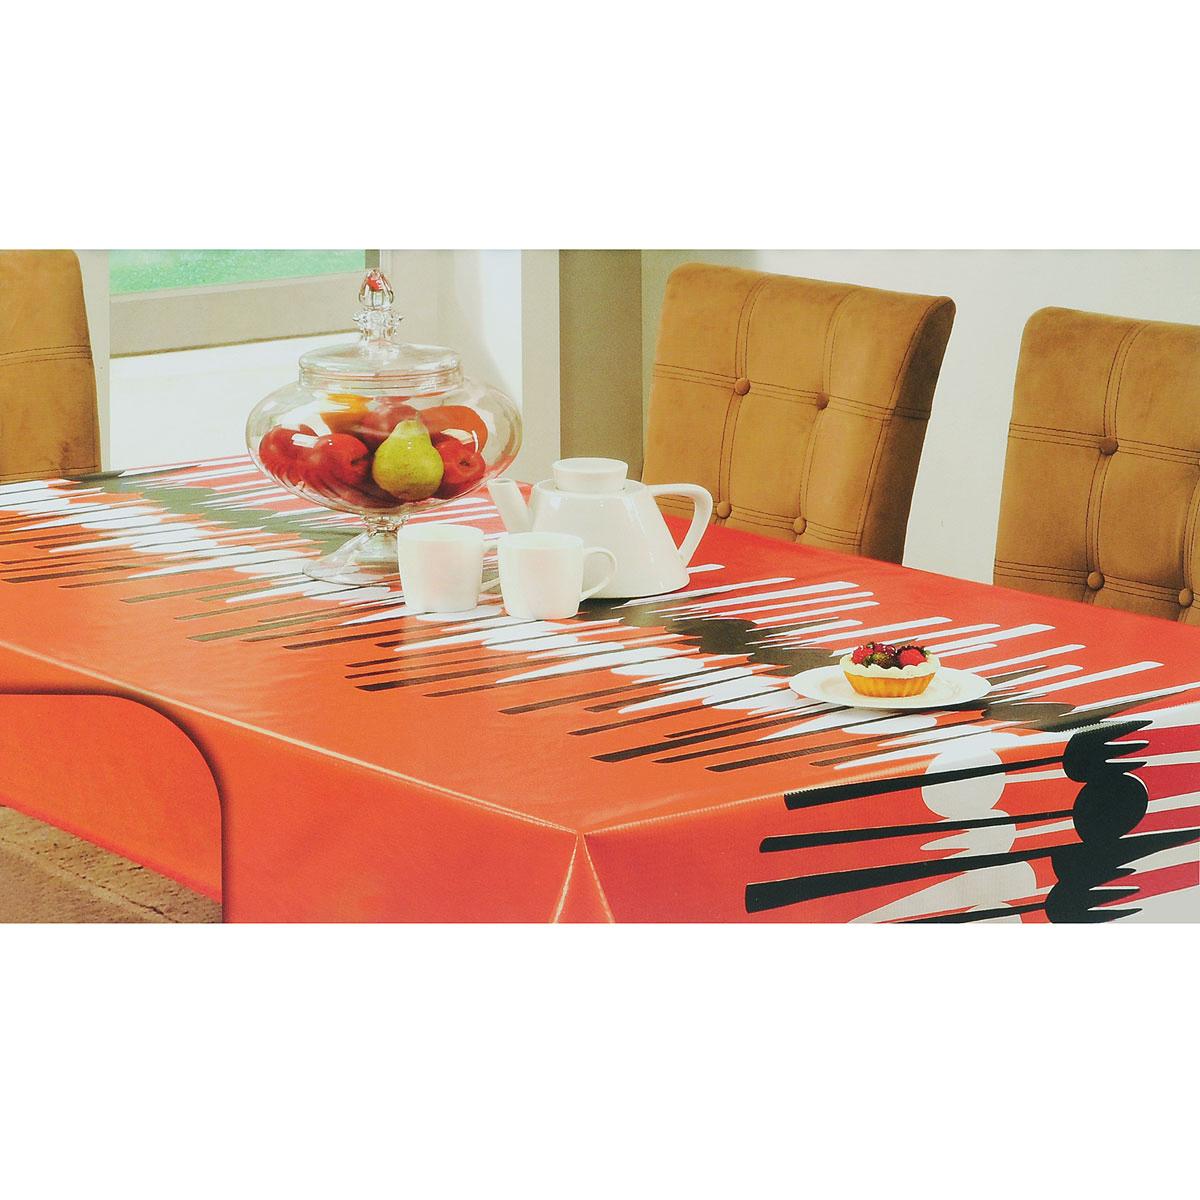 Скатерть White Fox Осень, овальная, цвет: красный, оранжевый, 152x 228 смVT-1520(SR)Овальная скатерть White Fox Осень, выполненная из ПВХ с основой из флиса, предназначена для защиты стола от царапин, пятен и крошек. Край скатерти обработан тканью. Скатерть оформлена изображением столовых приборов, а рифлёная поверхность скатерти формирует приятные тактильные ощущения, при этом частички пищи удаляются с легкостью и поверхность остается всегда чистой. Скатерть термостойкая выдерживает температуру до +70 °C.Скатерть White Fox проста в уходе - её можно протирать любыми моющими средствами при необходимости.Скатерть упакована в виниловый пакет с внутренним цветным вкладышем и подвесом в виде крючка.